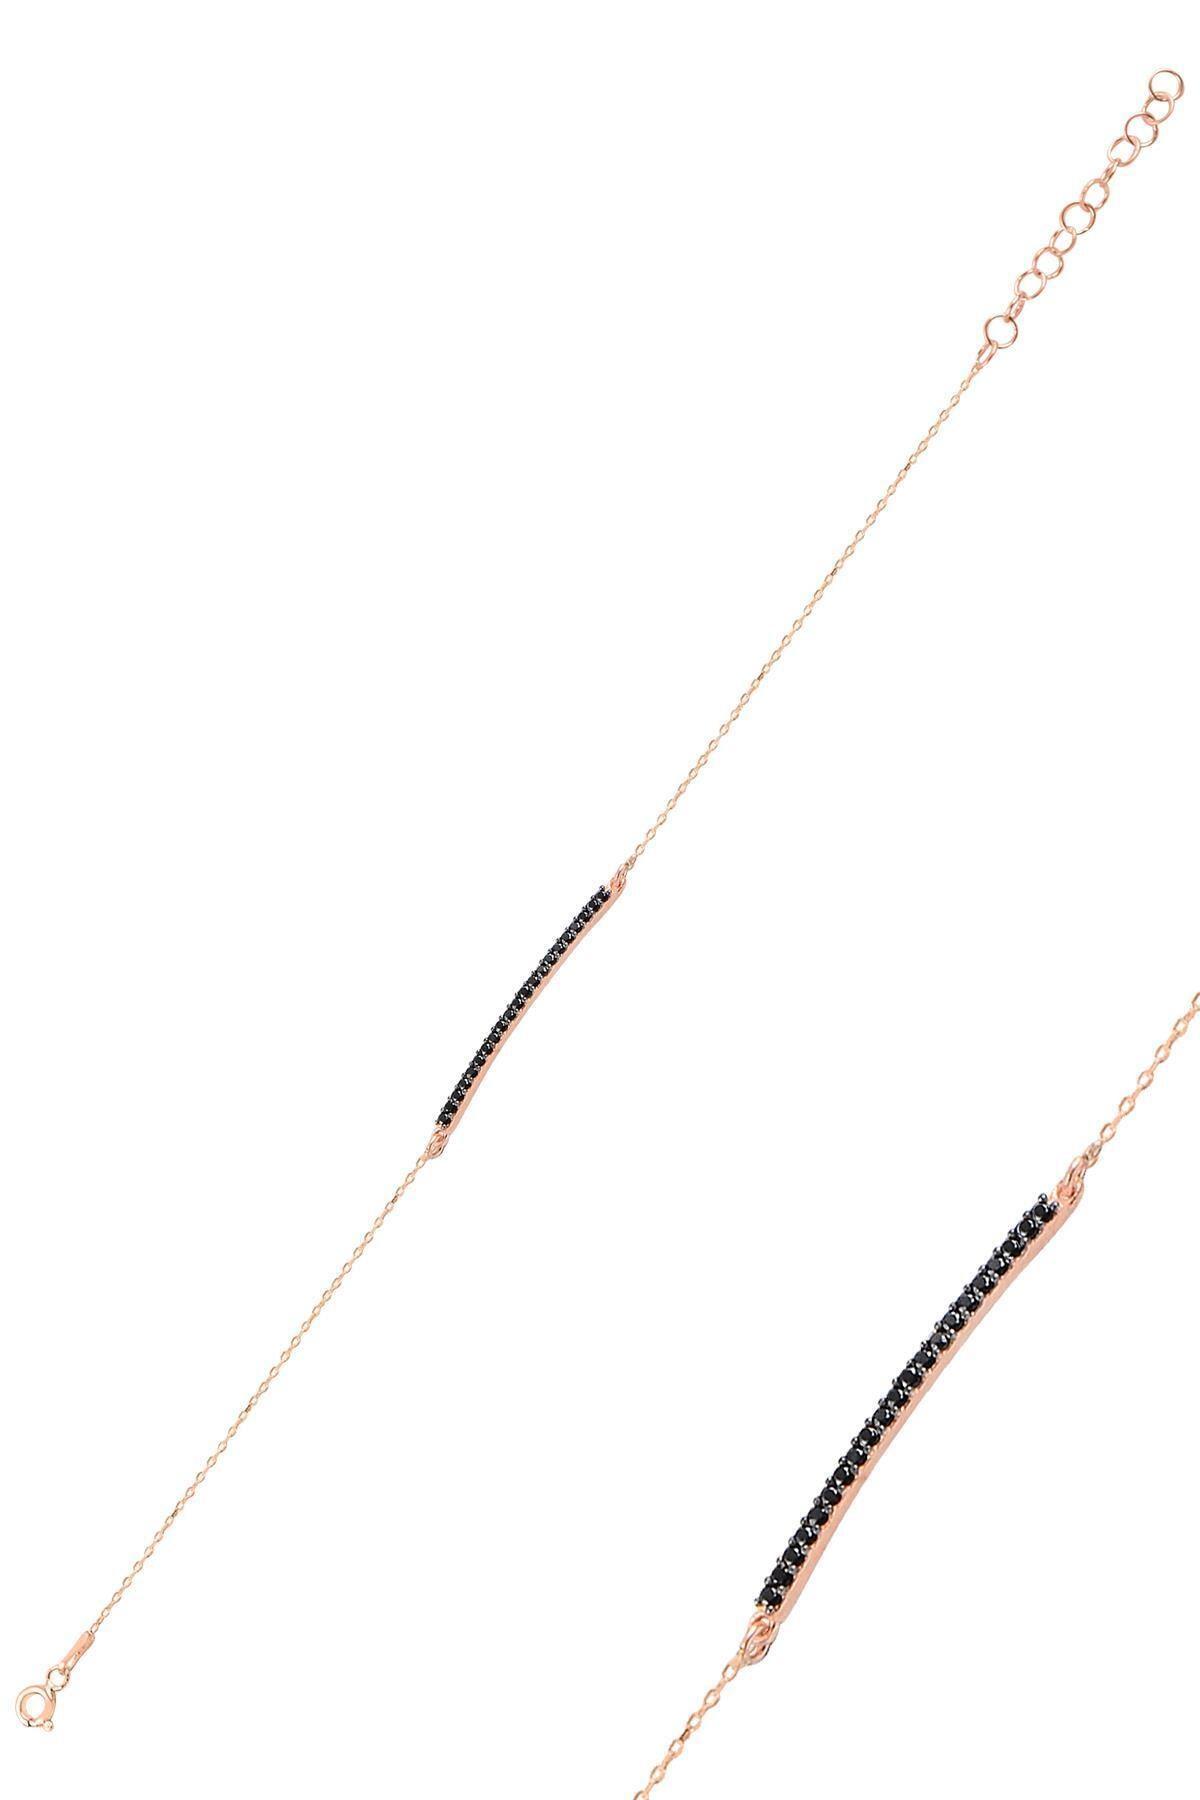 Söğütlü Silver Gümüş Rose Çubuk Bileklik 1